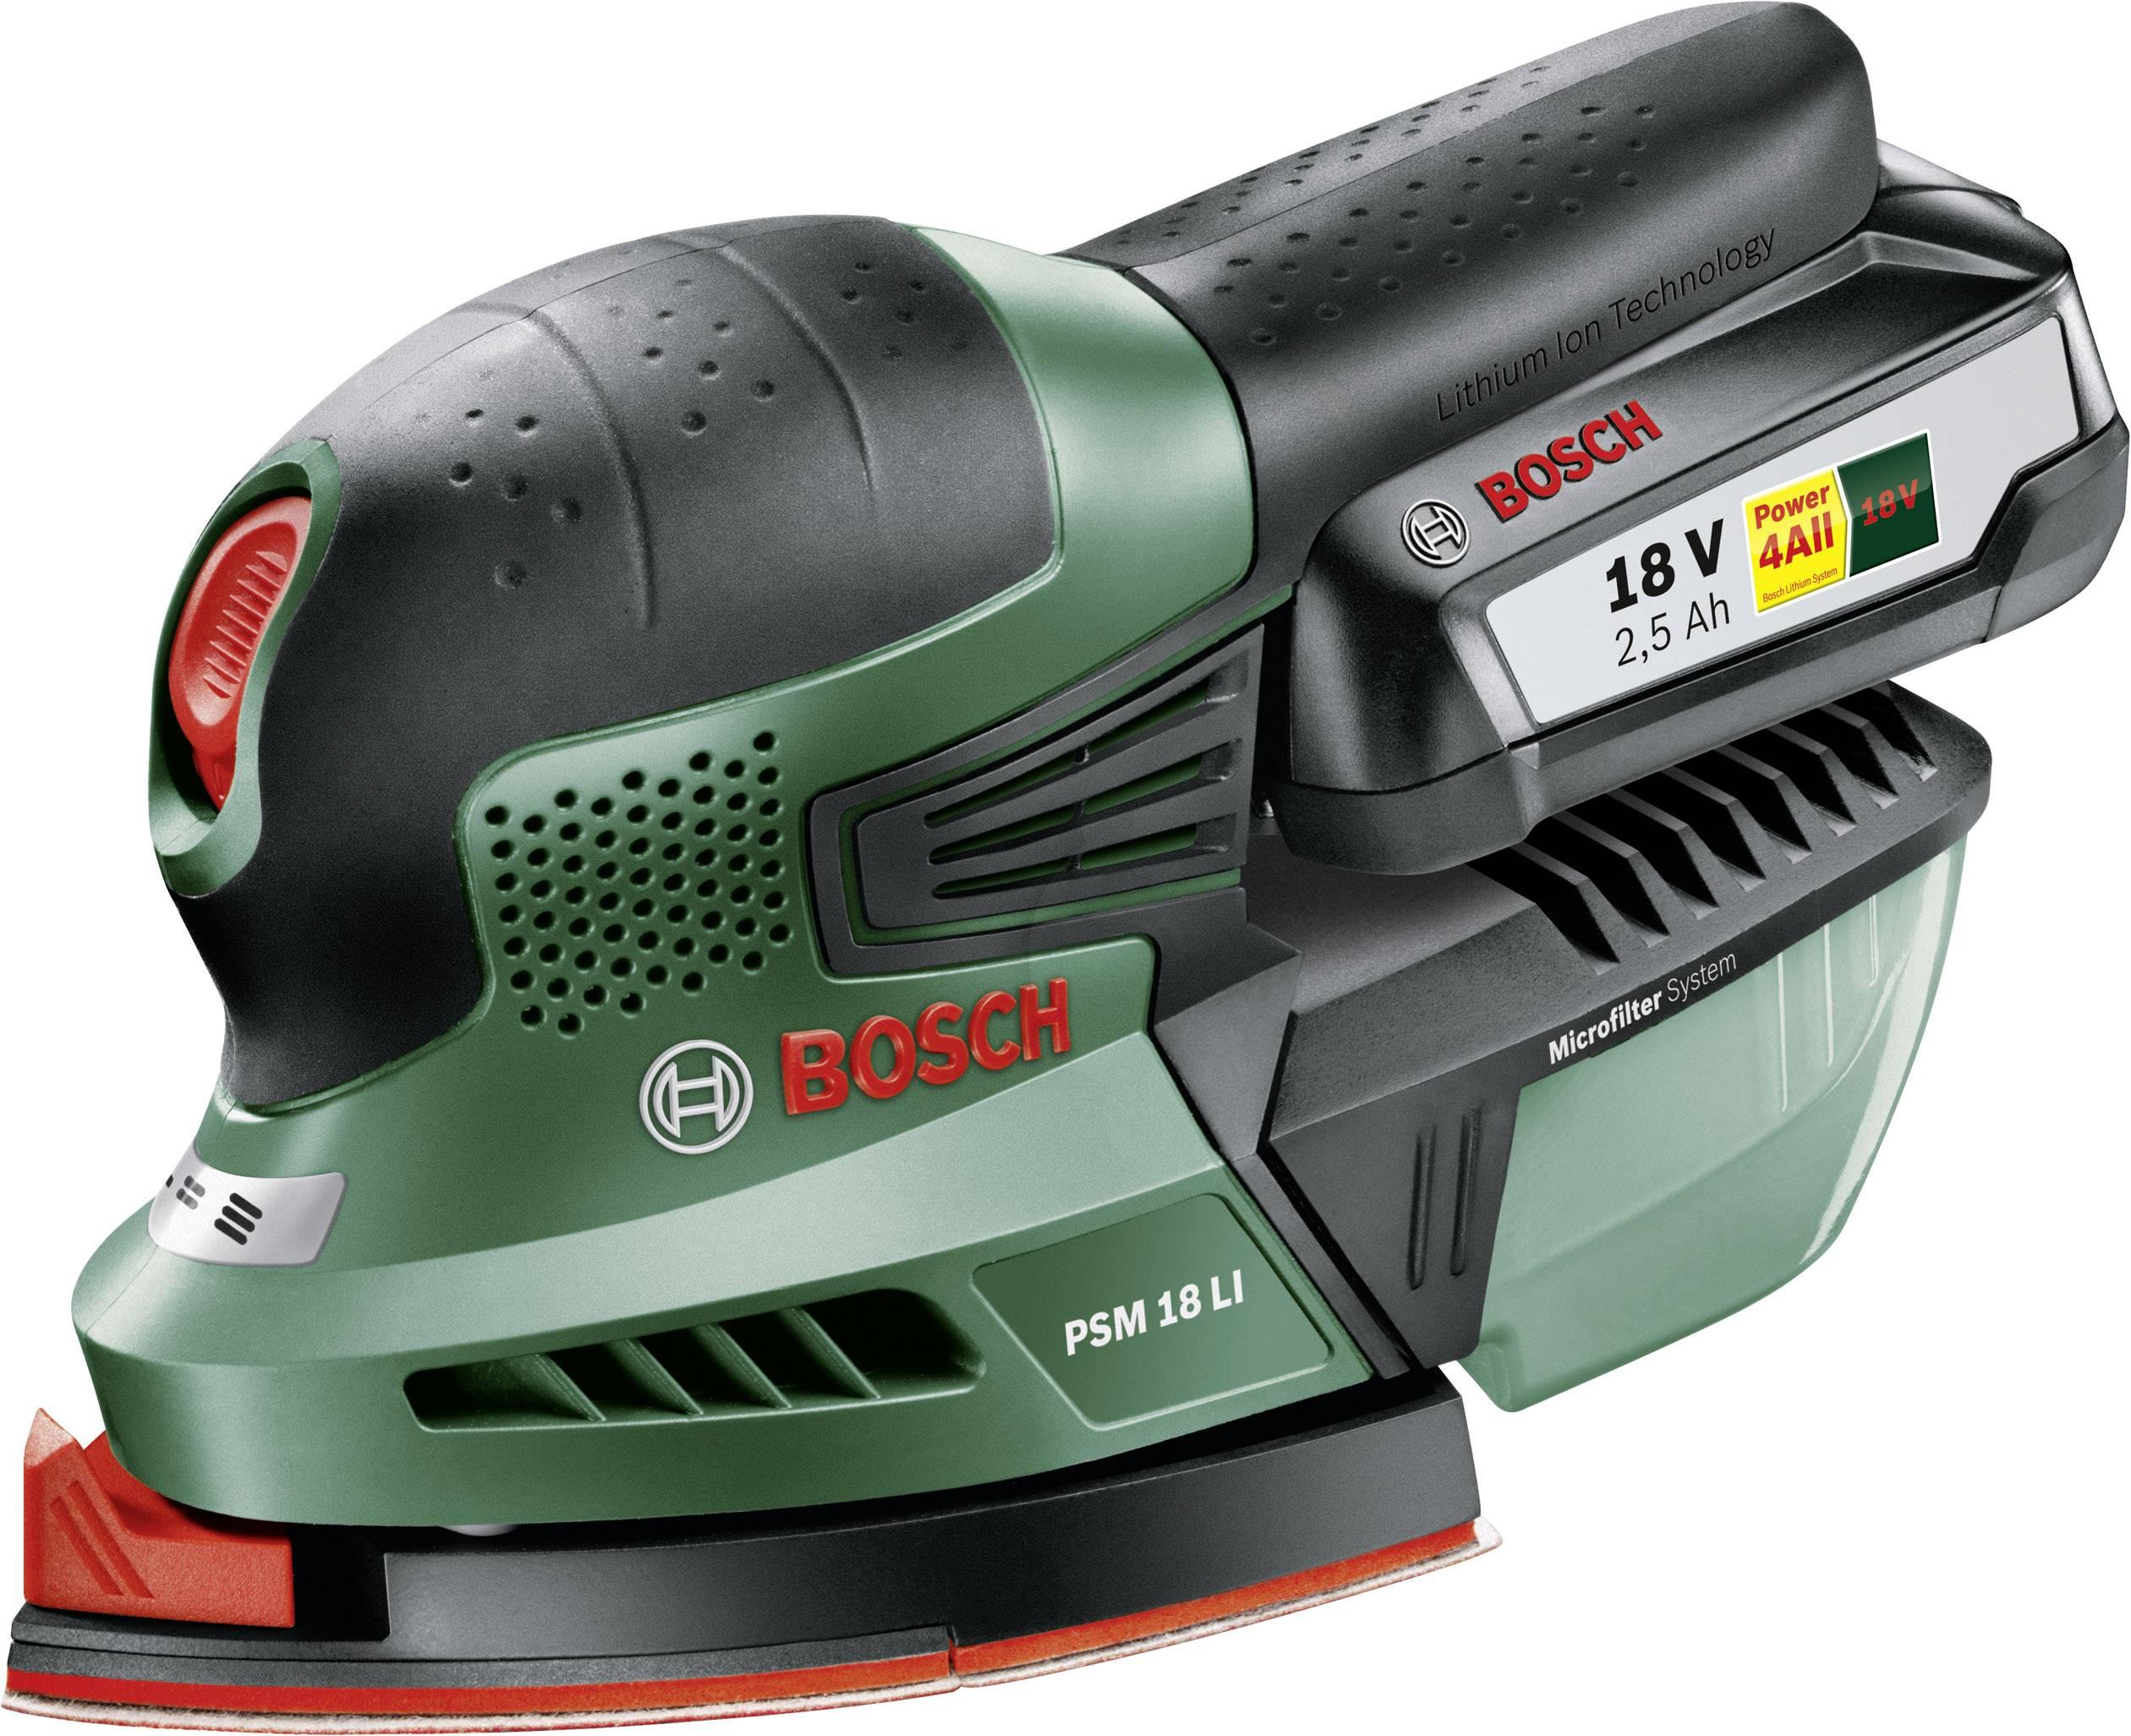 Bosch Home and Garden PSM 18 LI 06033A1303 Akku